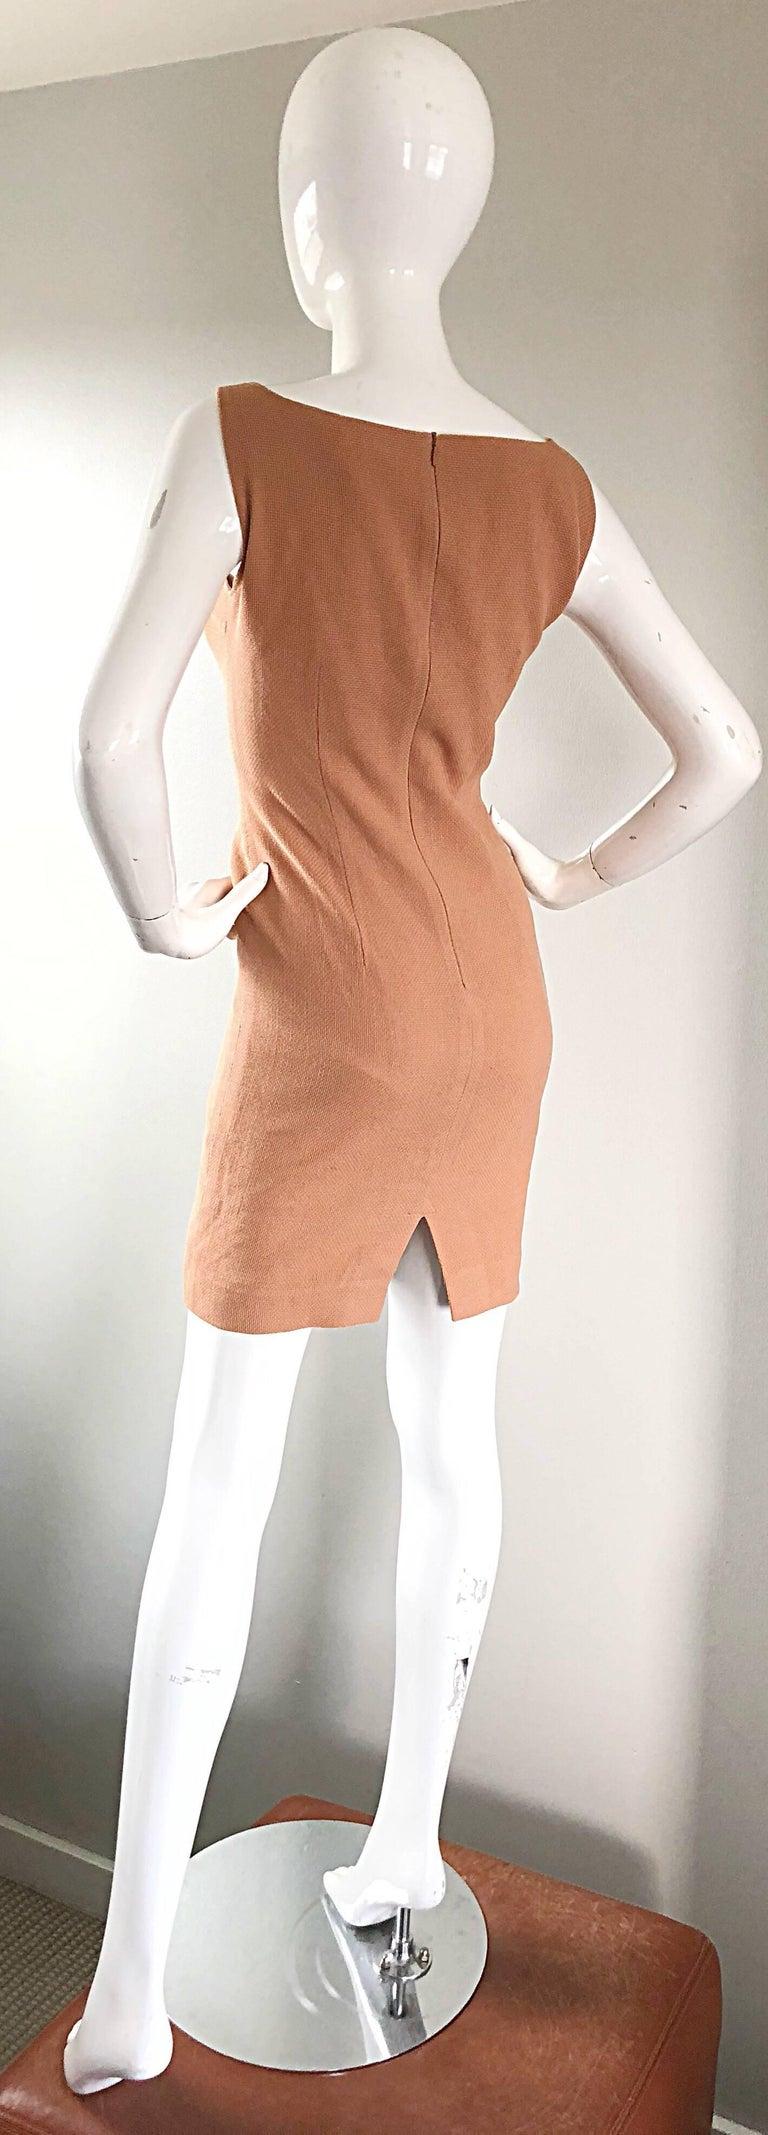 Luca Luca 1990s Terra Cotta Tan Sz 8 / 10 Virgin Wool Italian Vintage 90s Dress For Sale 2